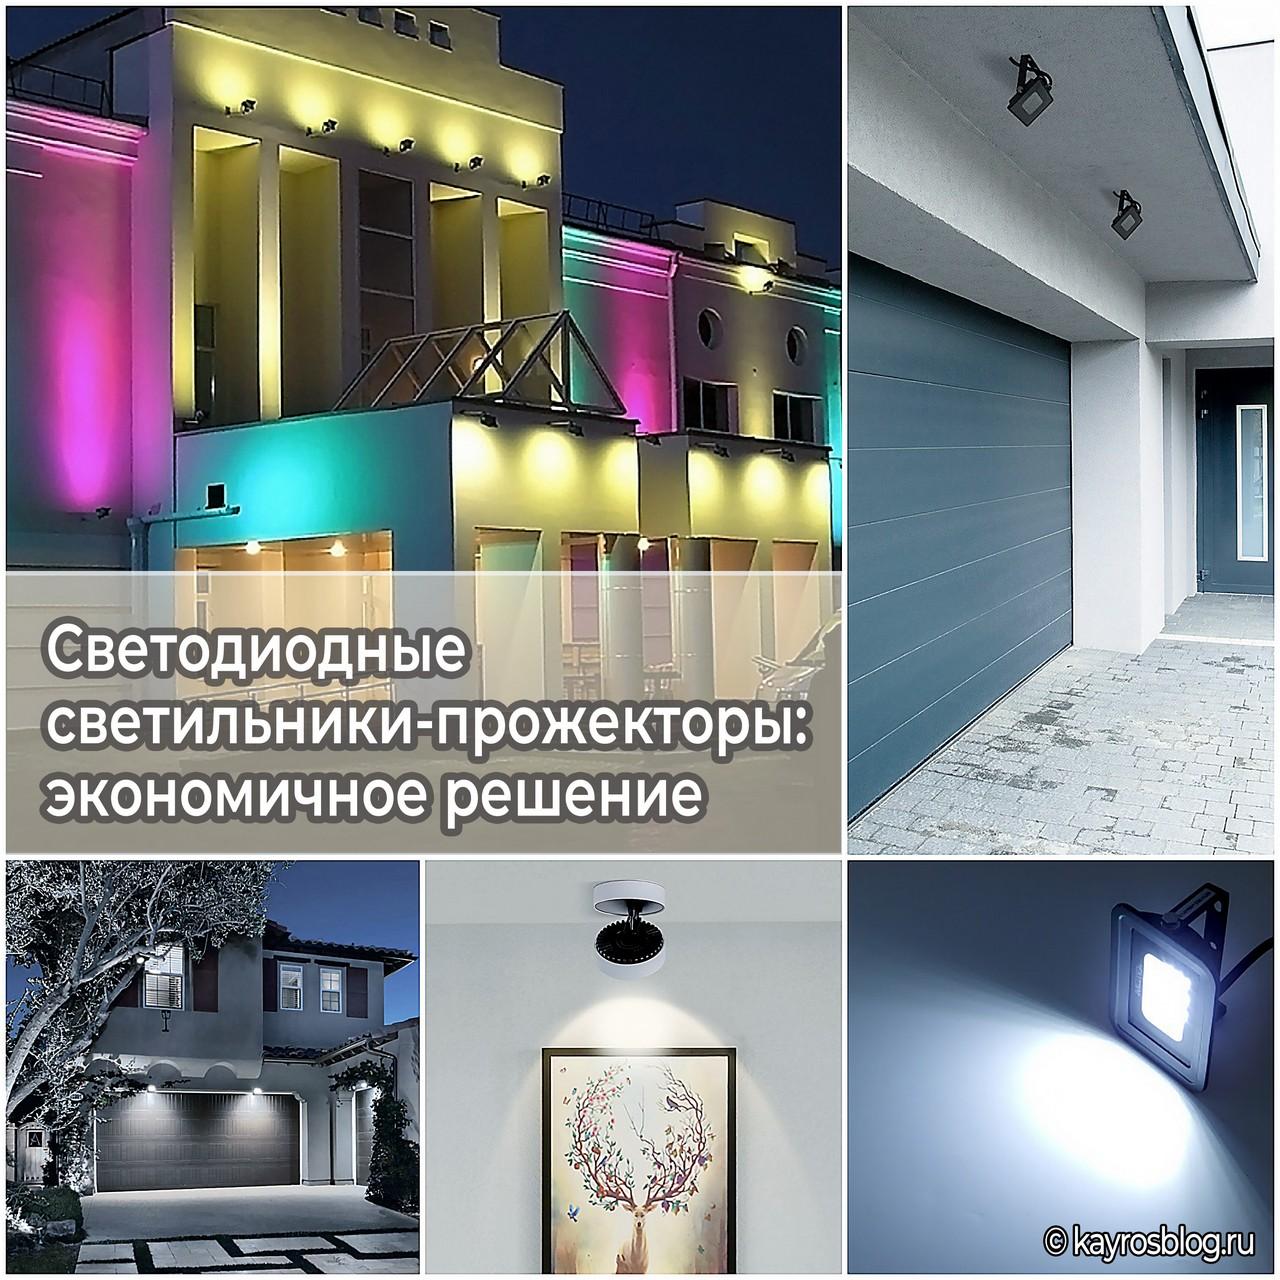 Светодиодные светильники-прожекторы: экономичное решение